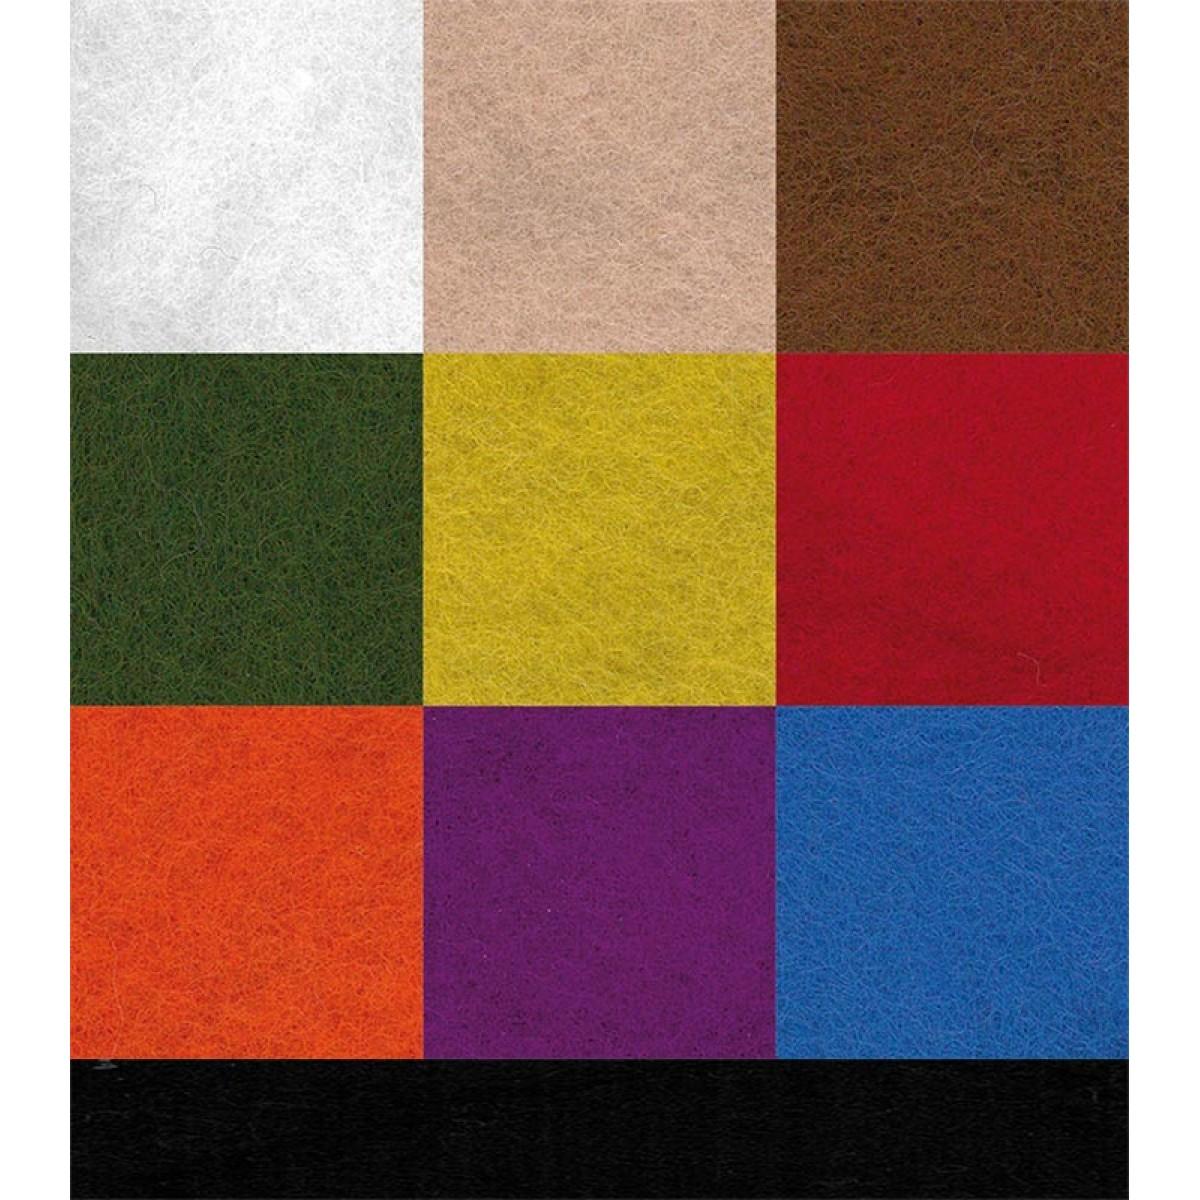 Μαλλί Μίξη Χρωμάτων 100gr Υλικά Χειροτεχνίας